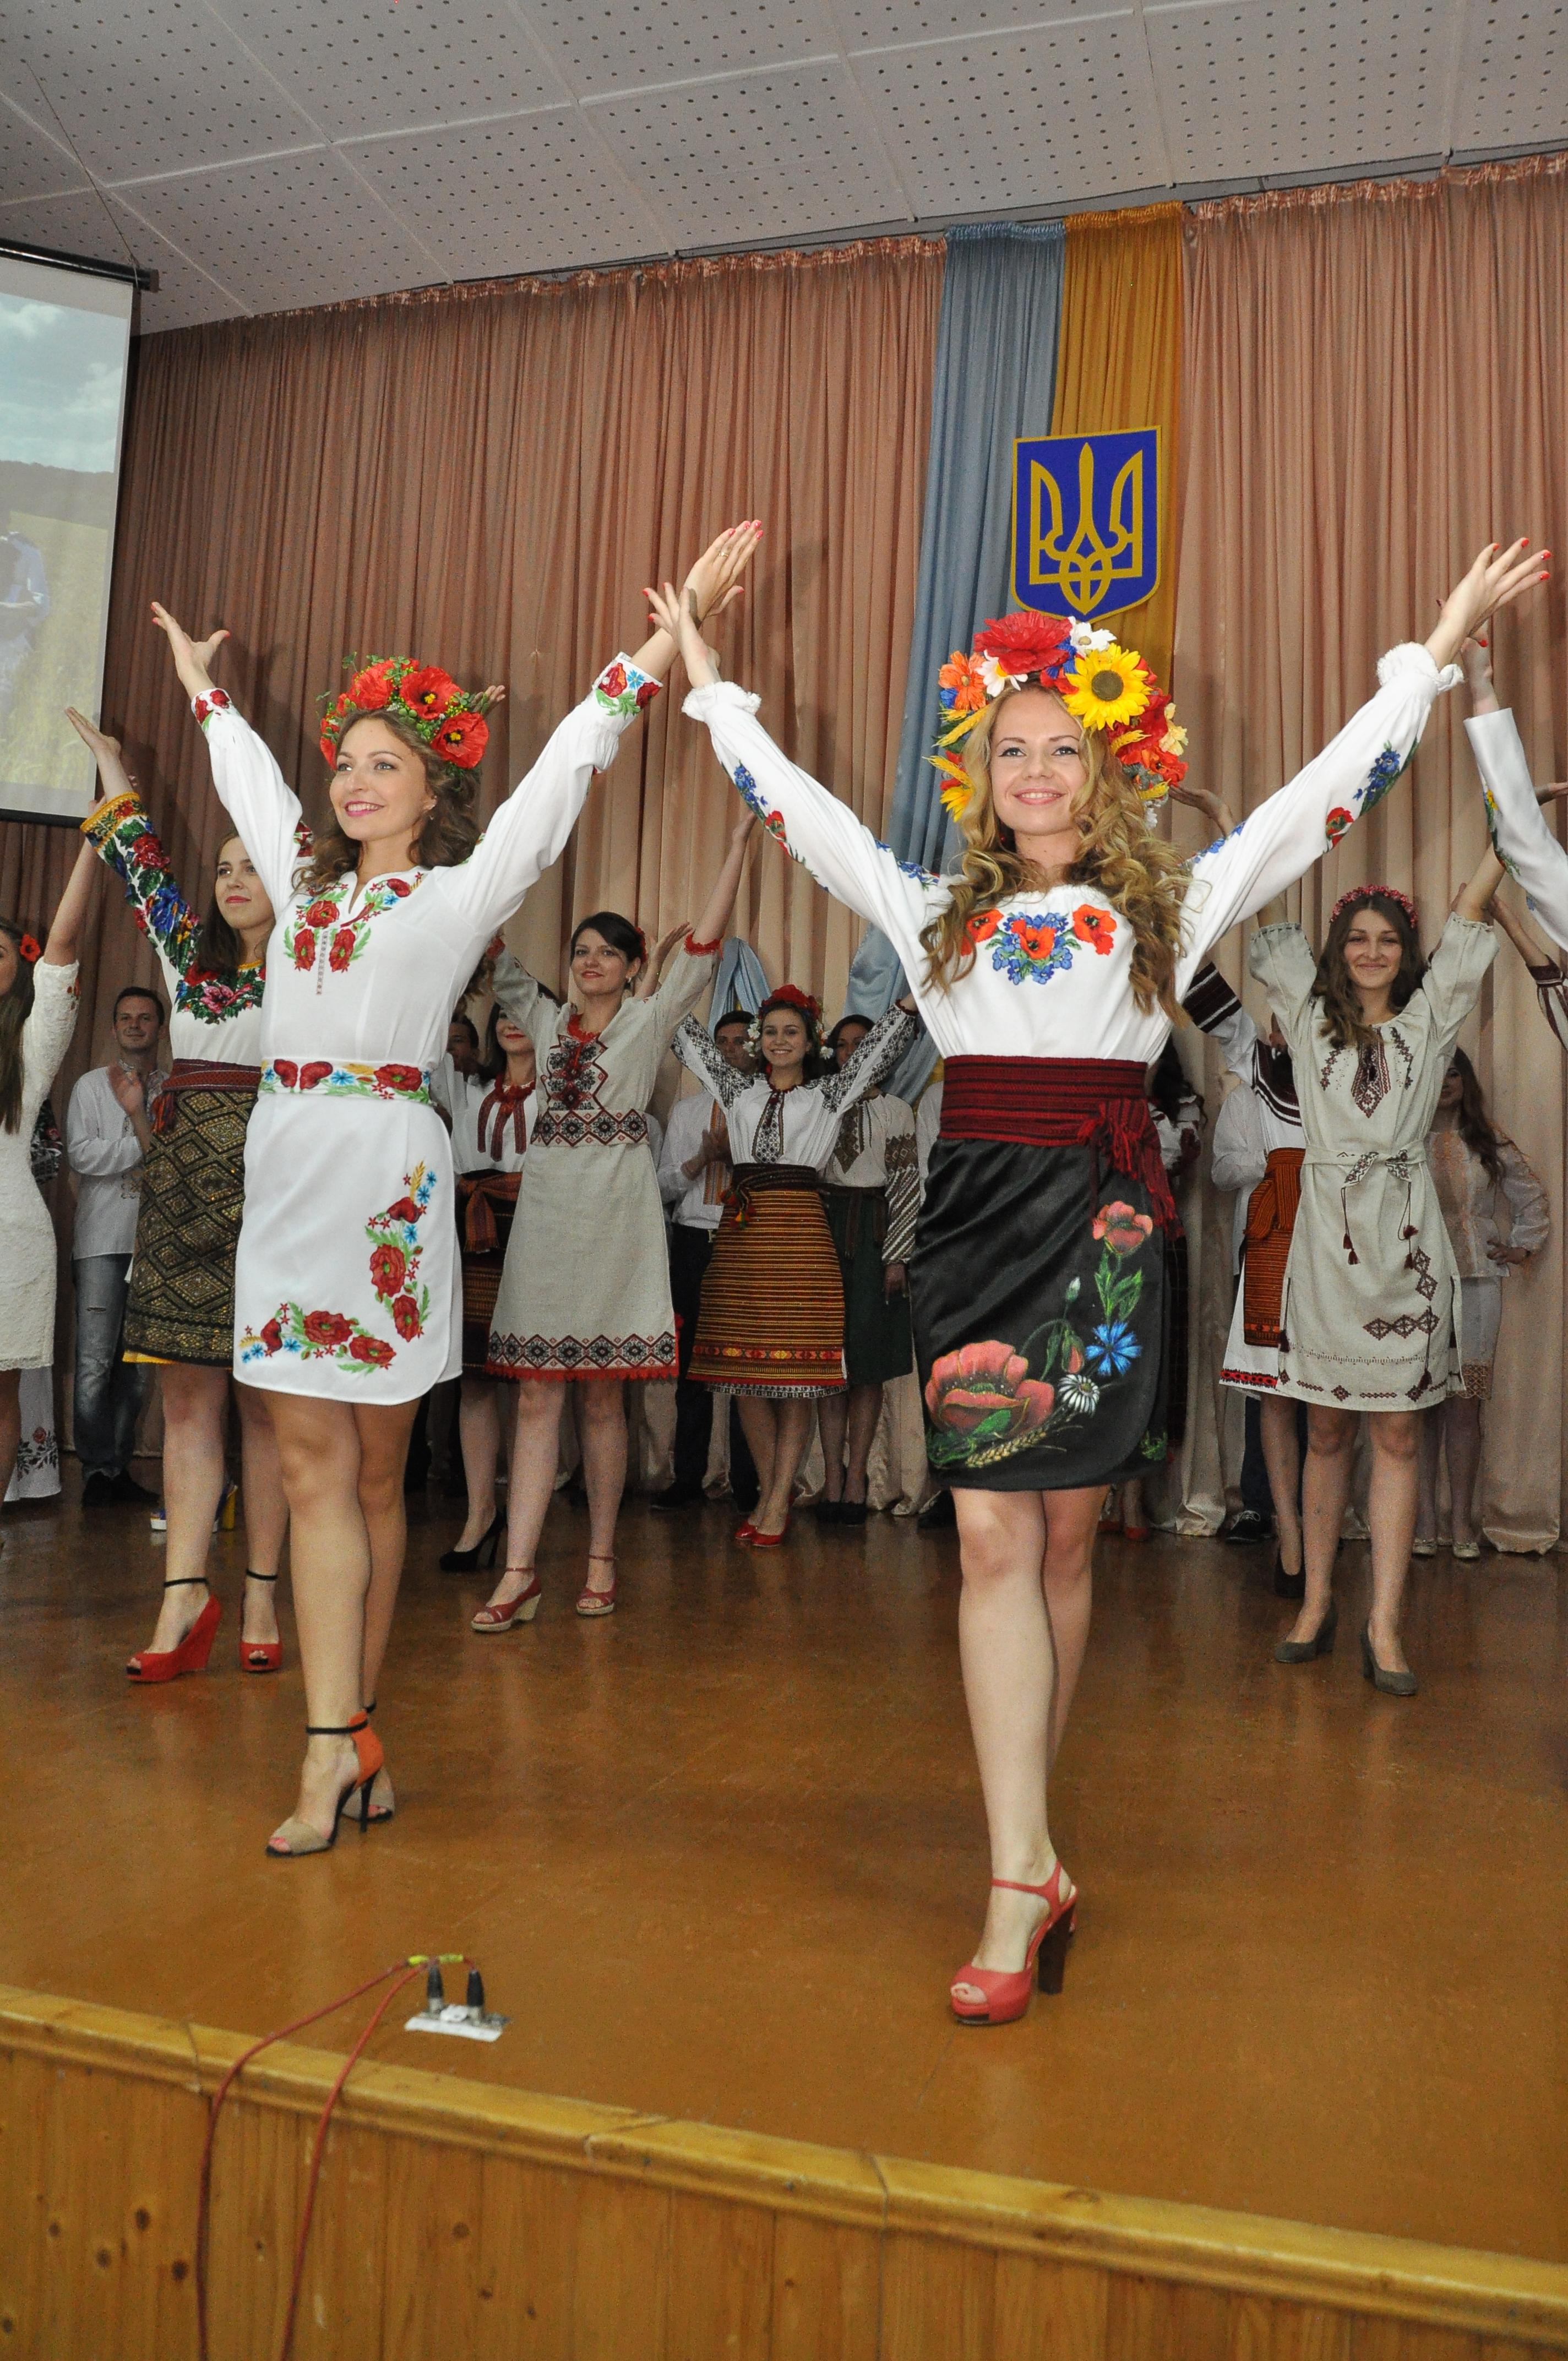 Litni-shkoly-15077405